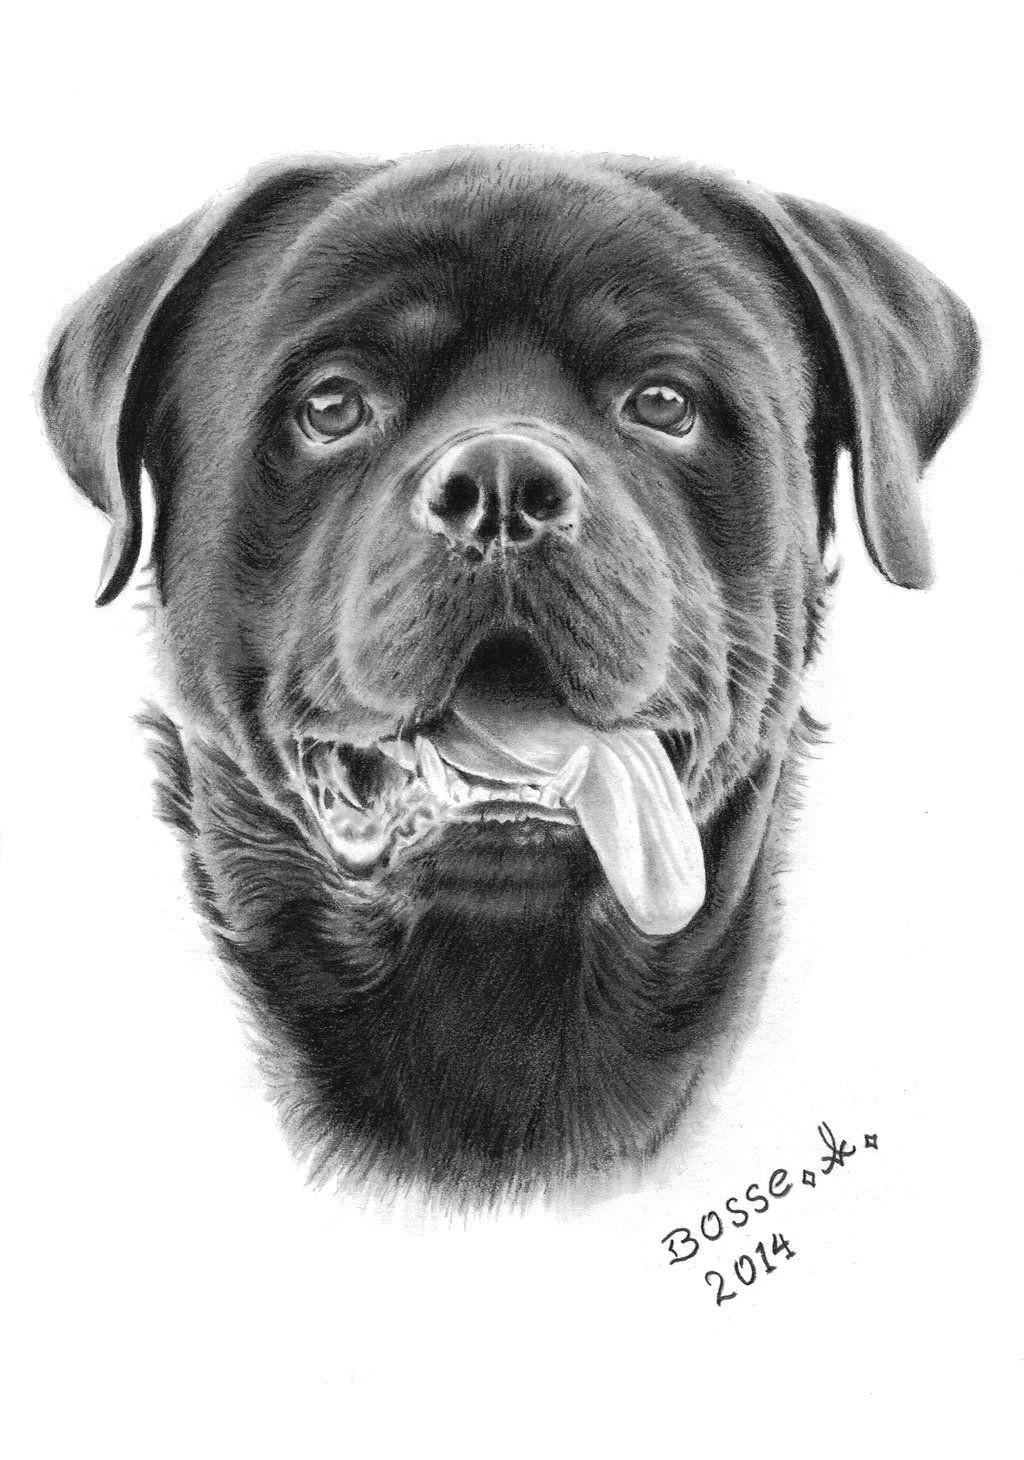 rottweiler 2 by torsk1 on deviantart dog sketches dog artwork rottweiler dog big